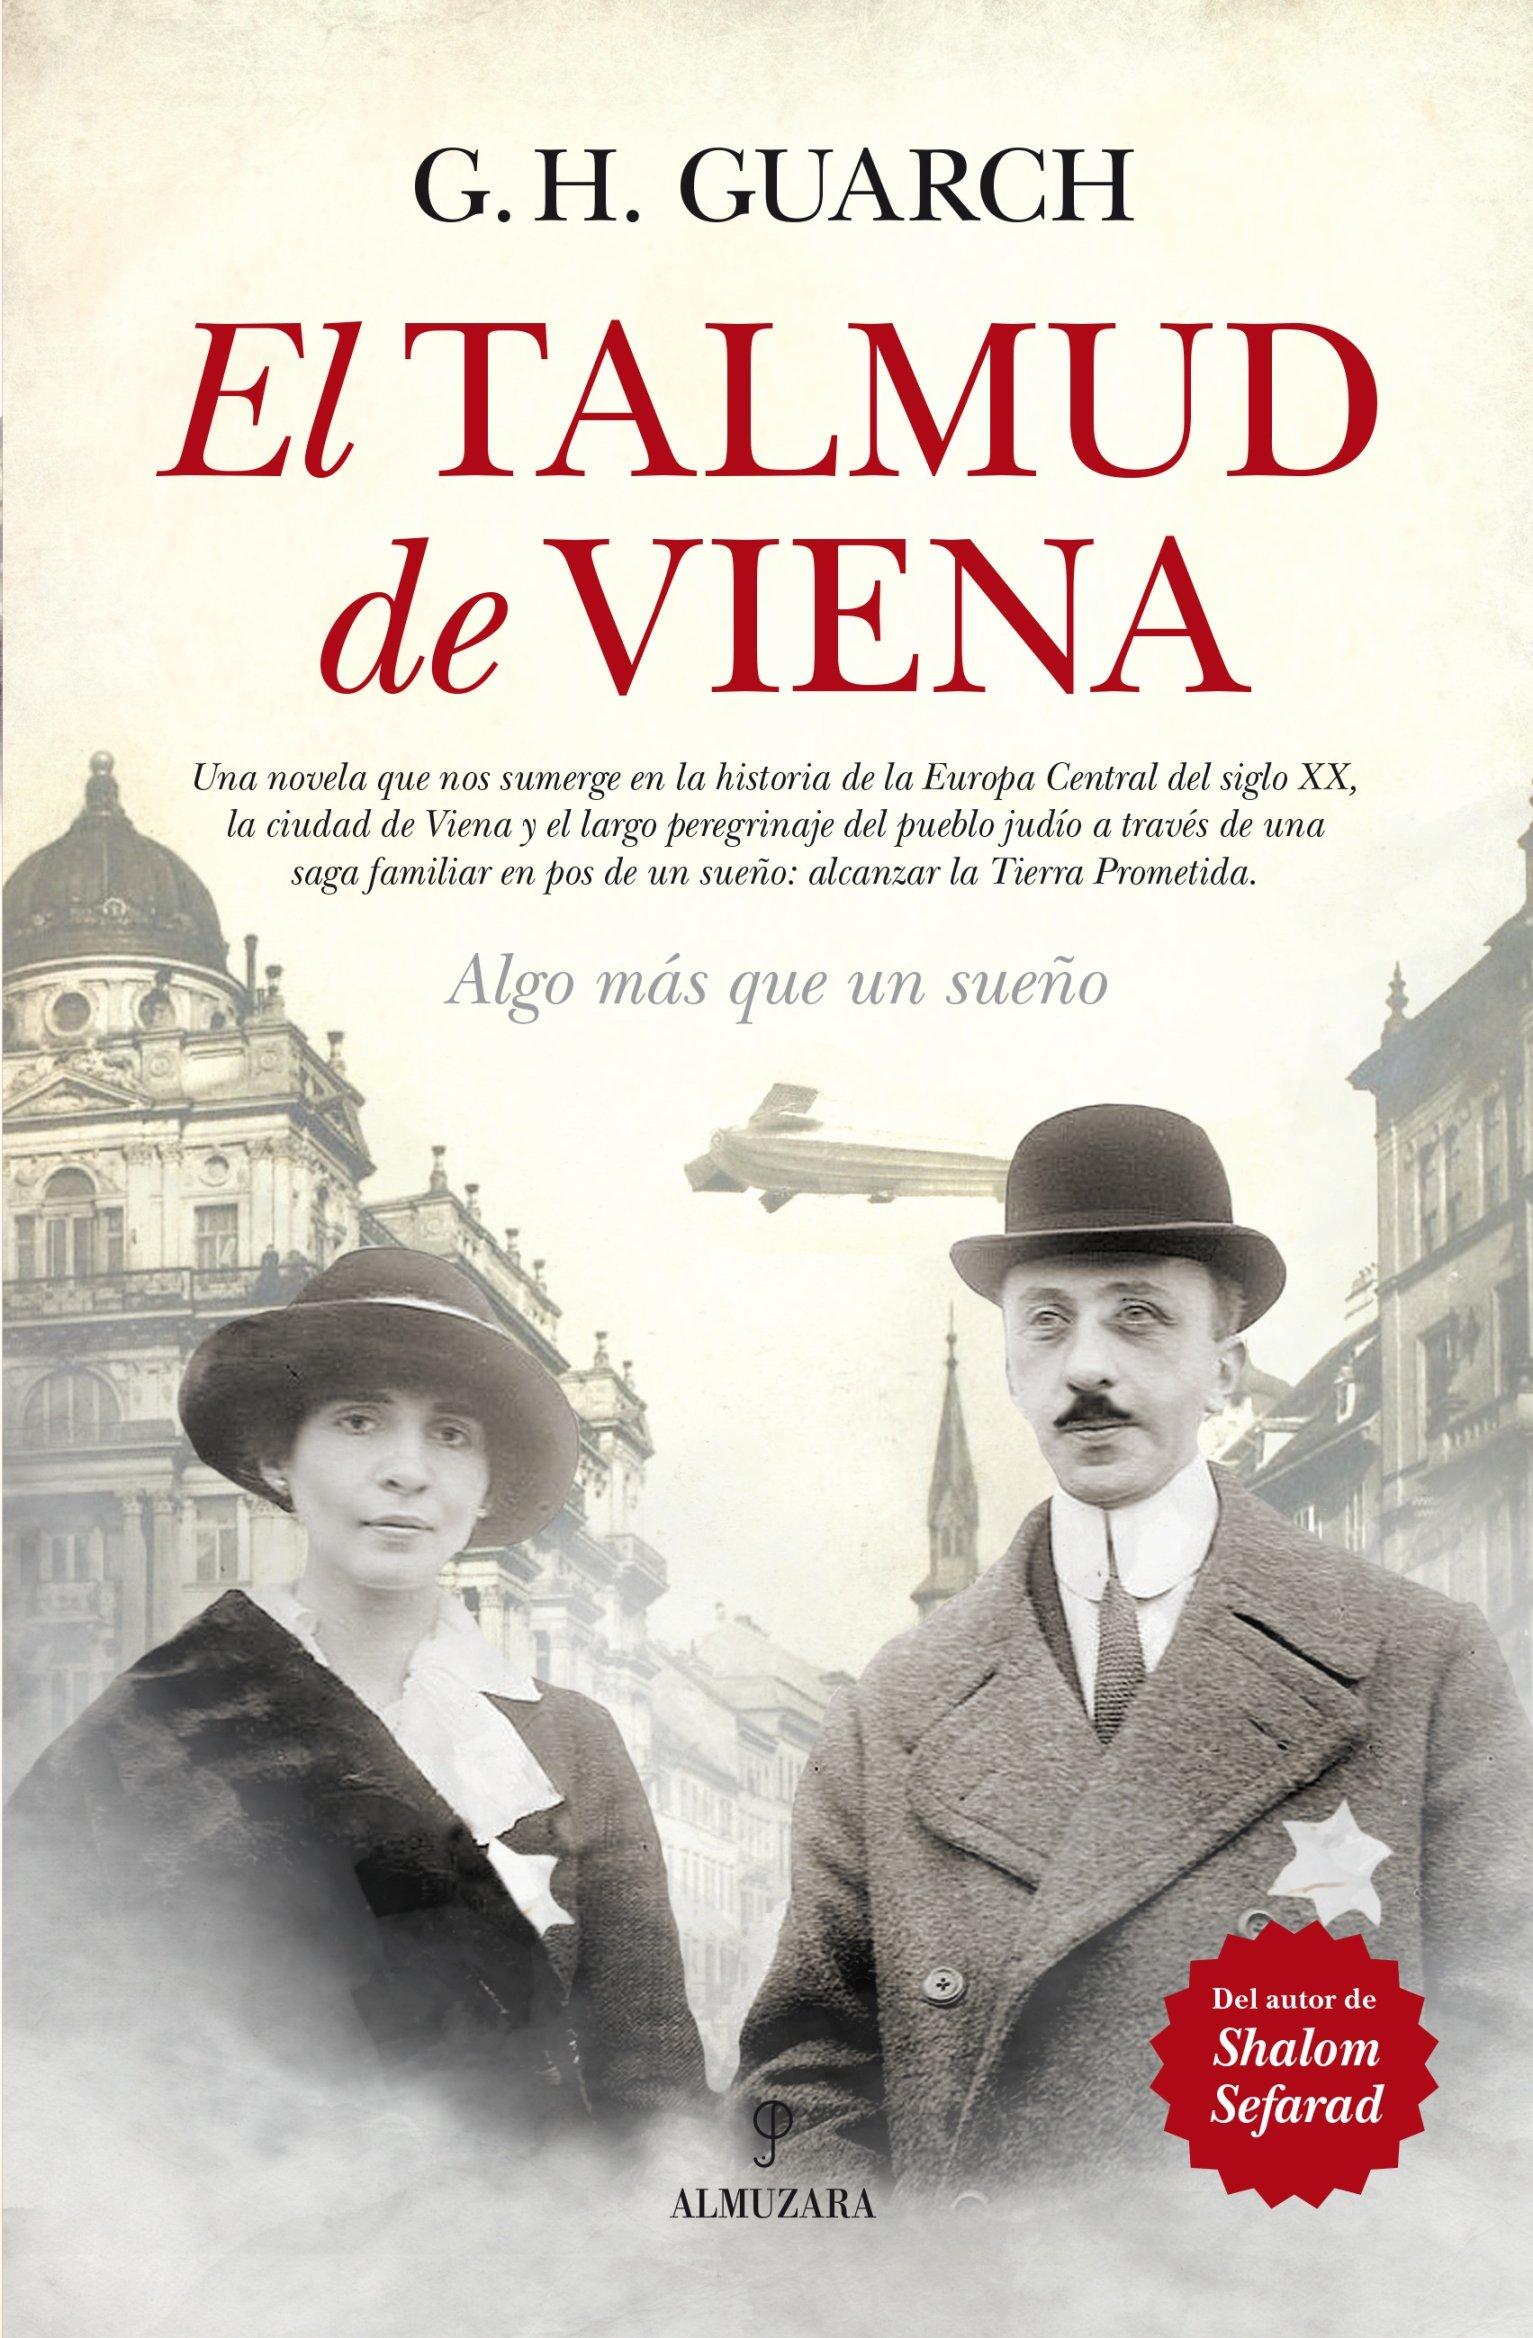 El Talmud De Viena Tapa blanda – 26 may 2014 Gonzalo Hernández Guarch Almuzara 8416100330 Historical